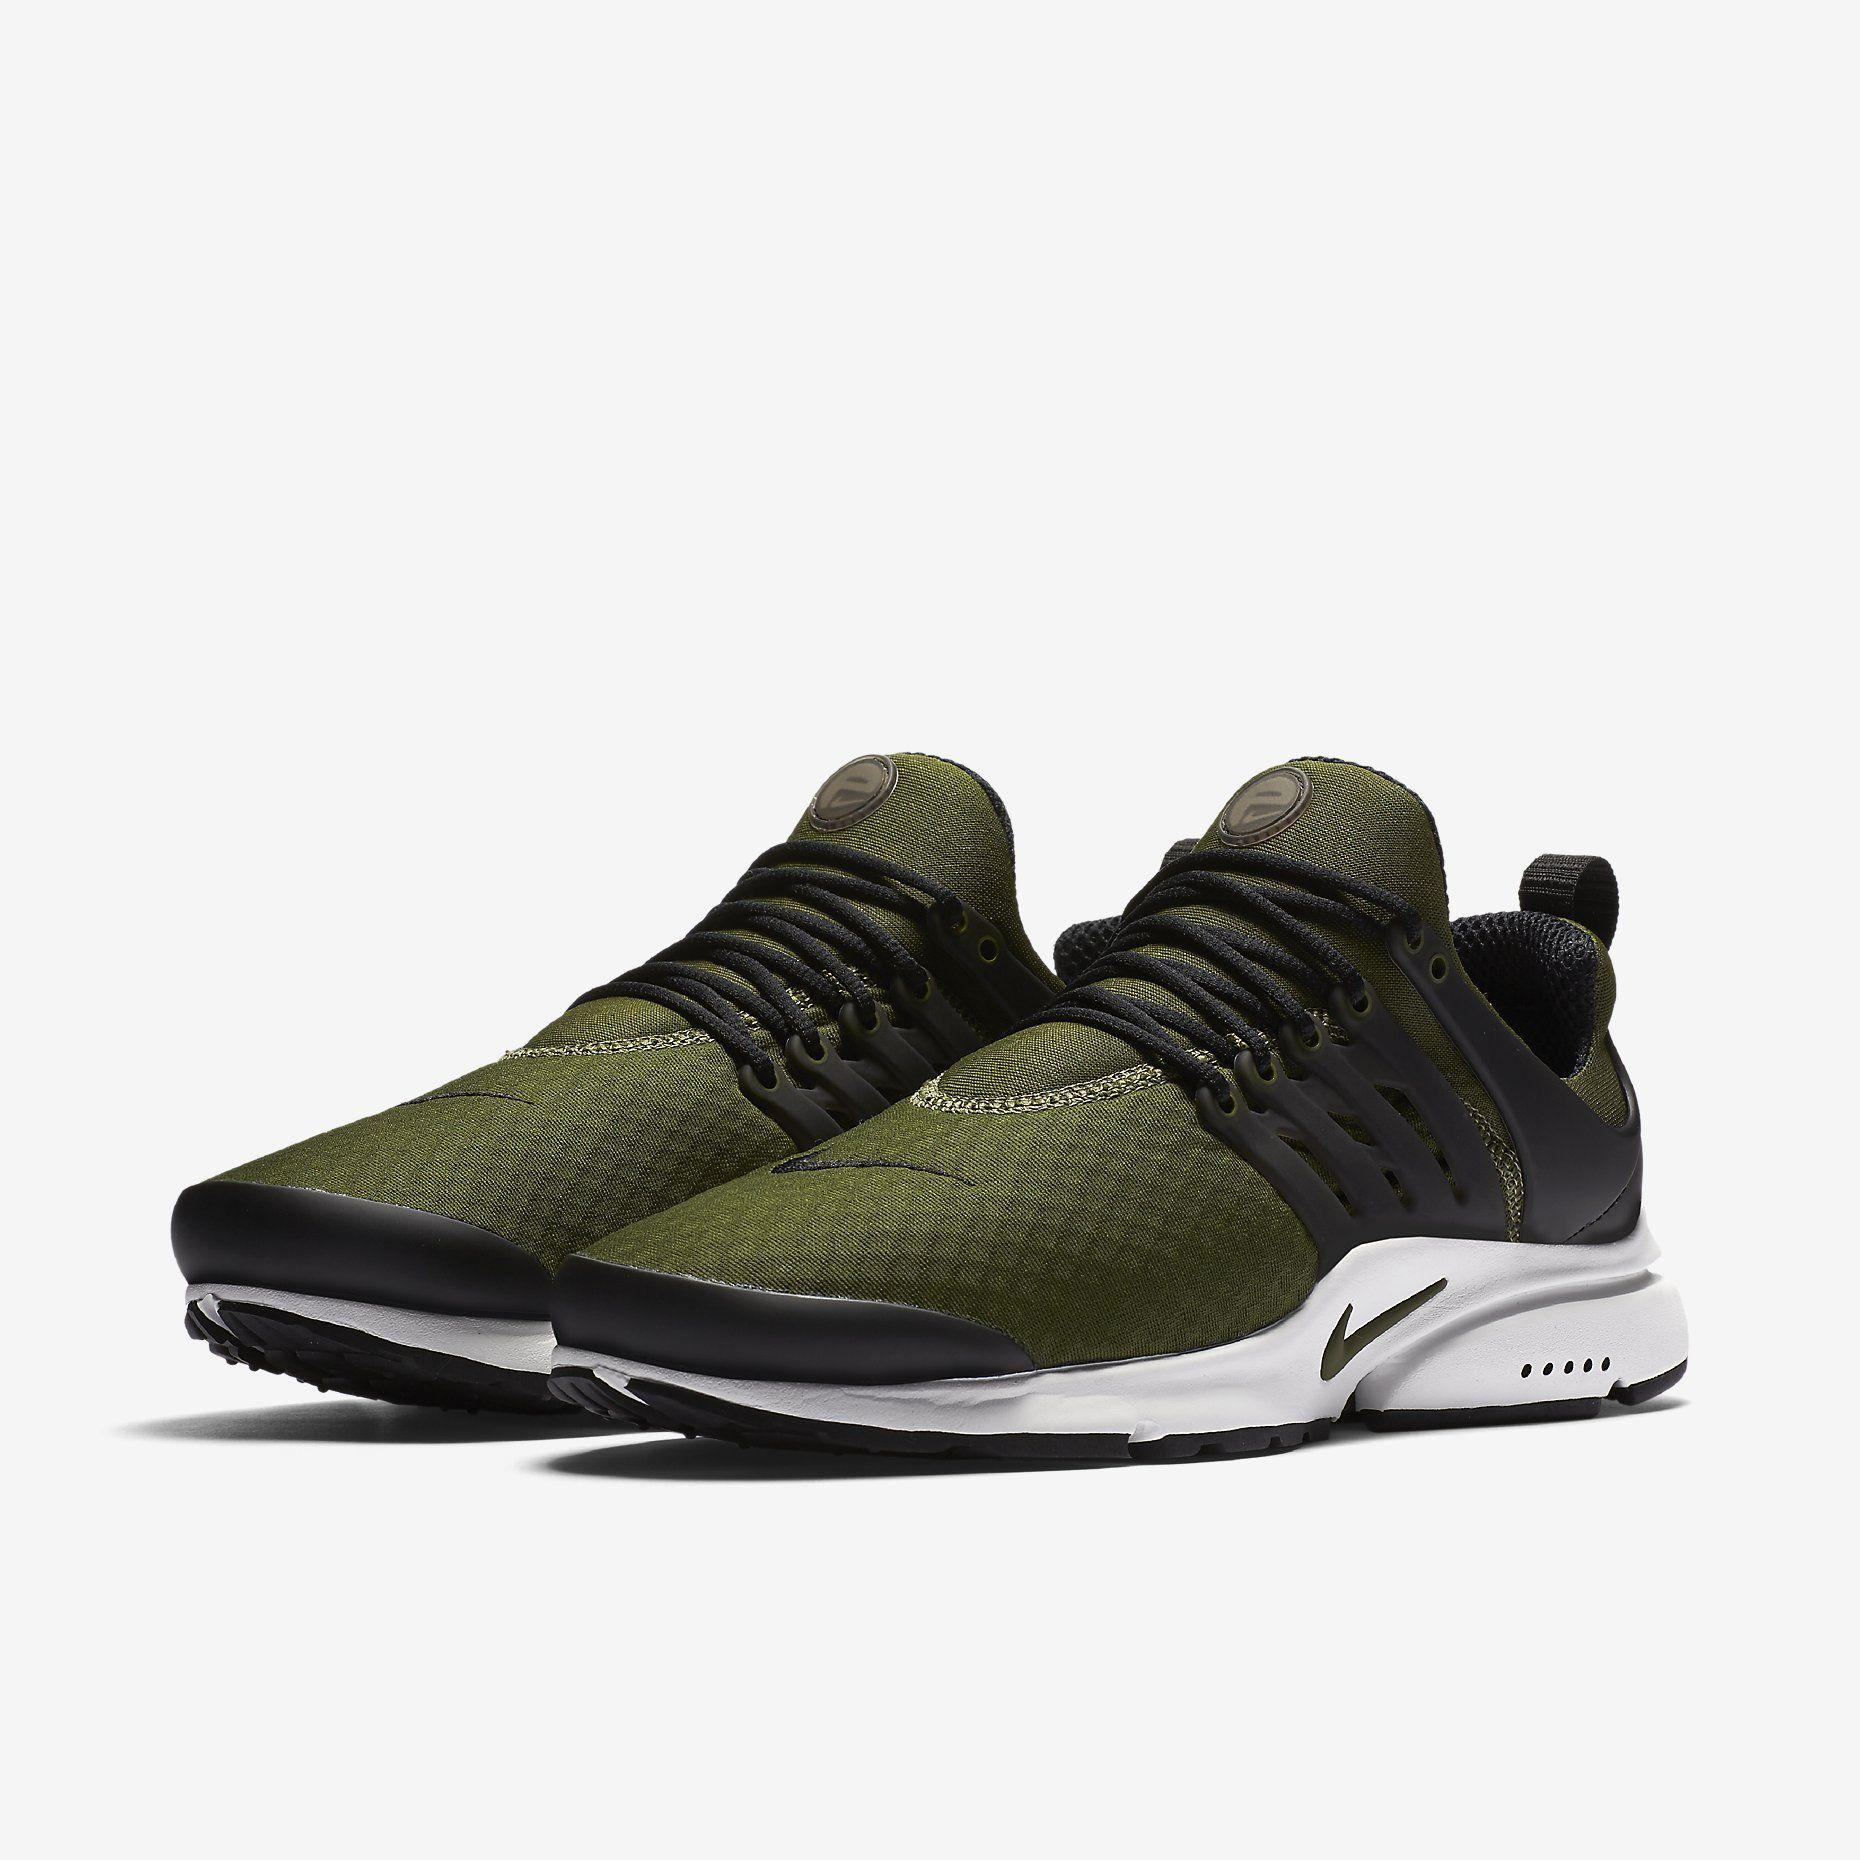 Nike Air Presto Essential Legion Green Nike Air Shoes Nike Air Presto Nike Air